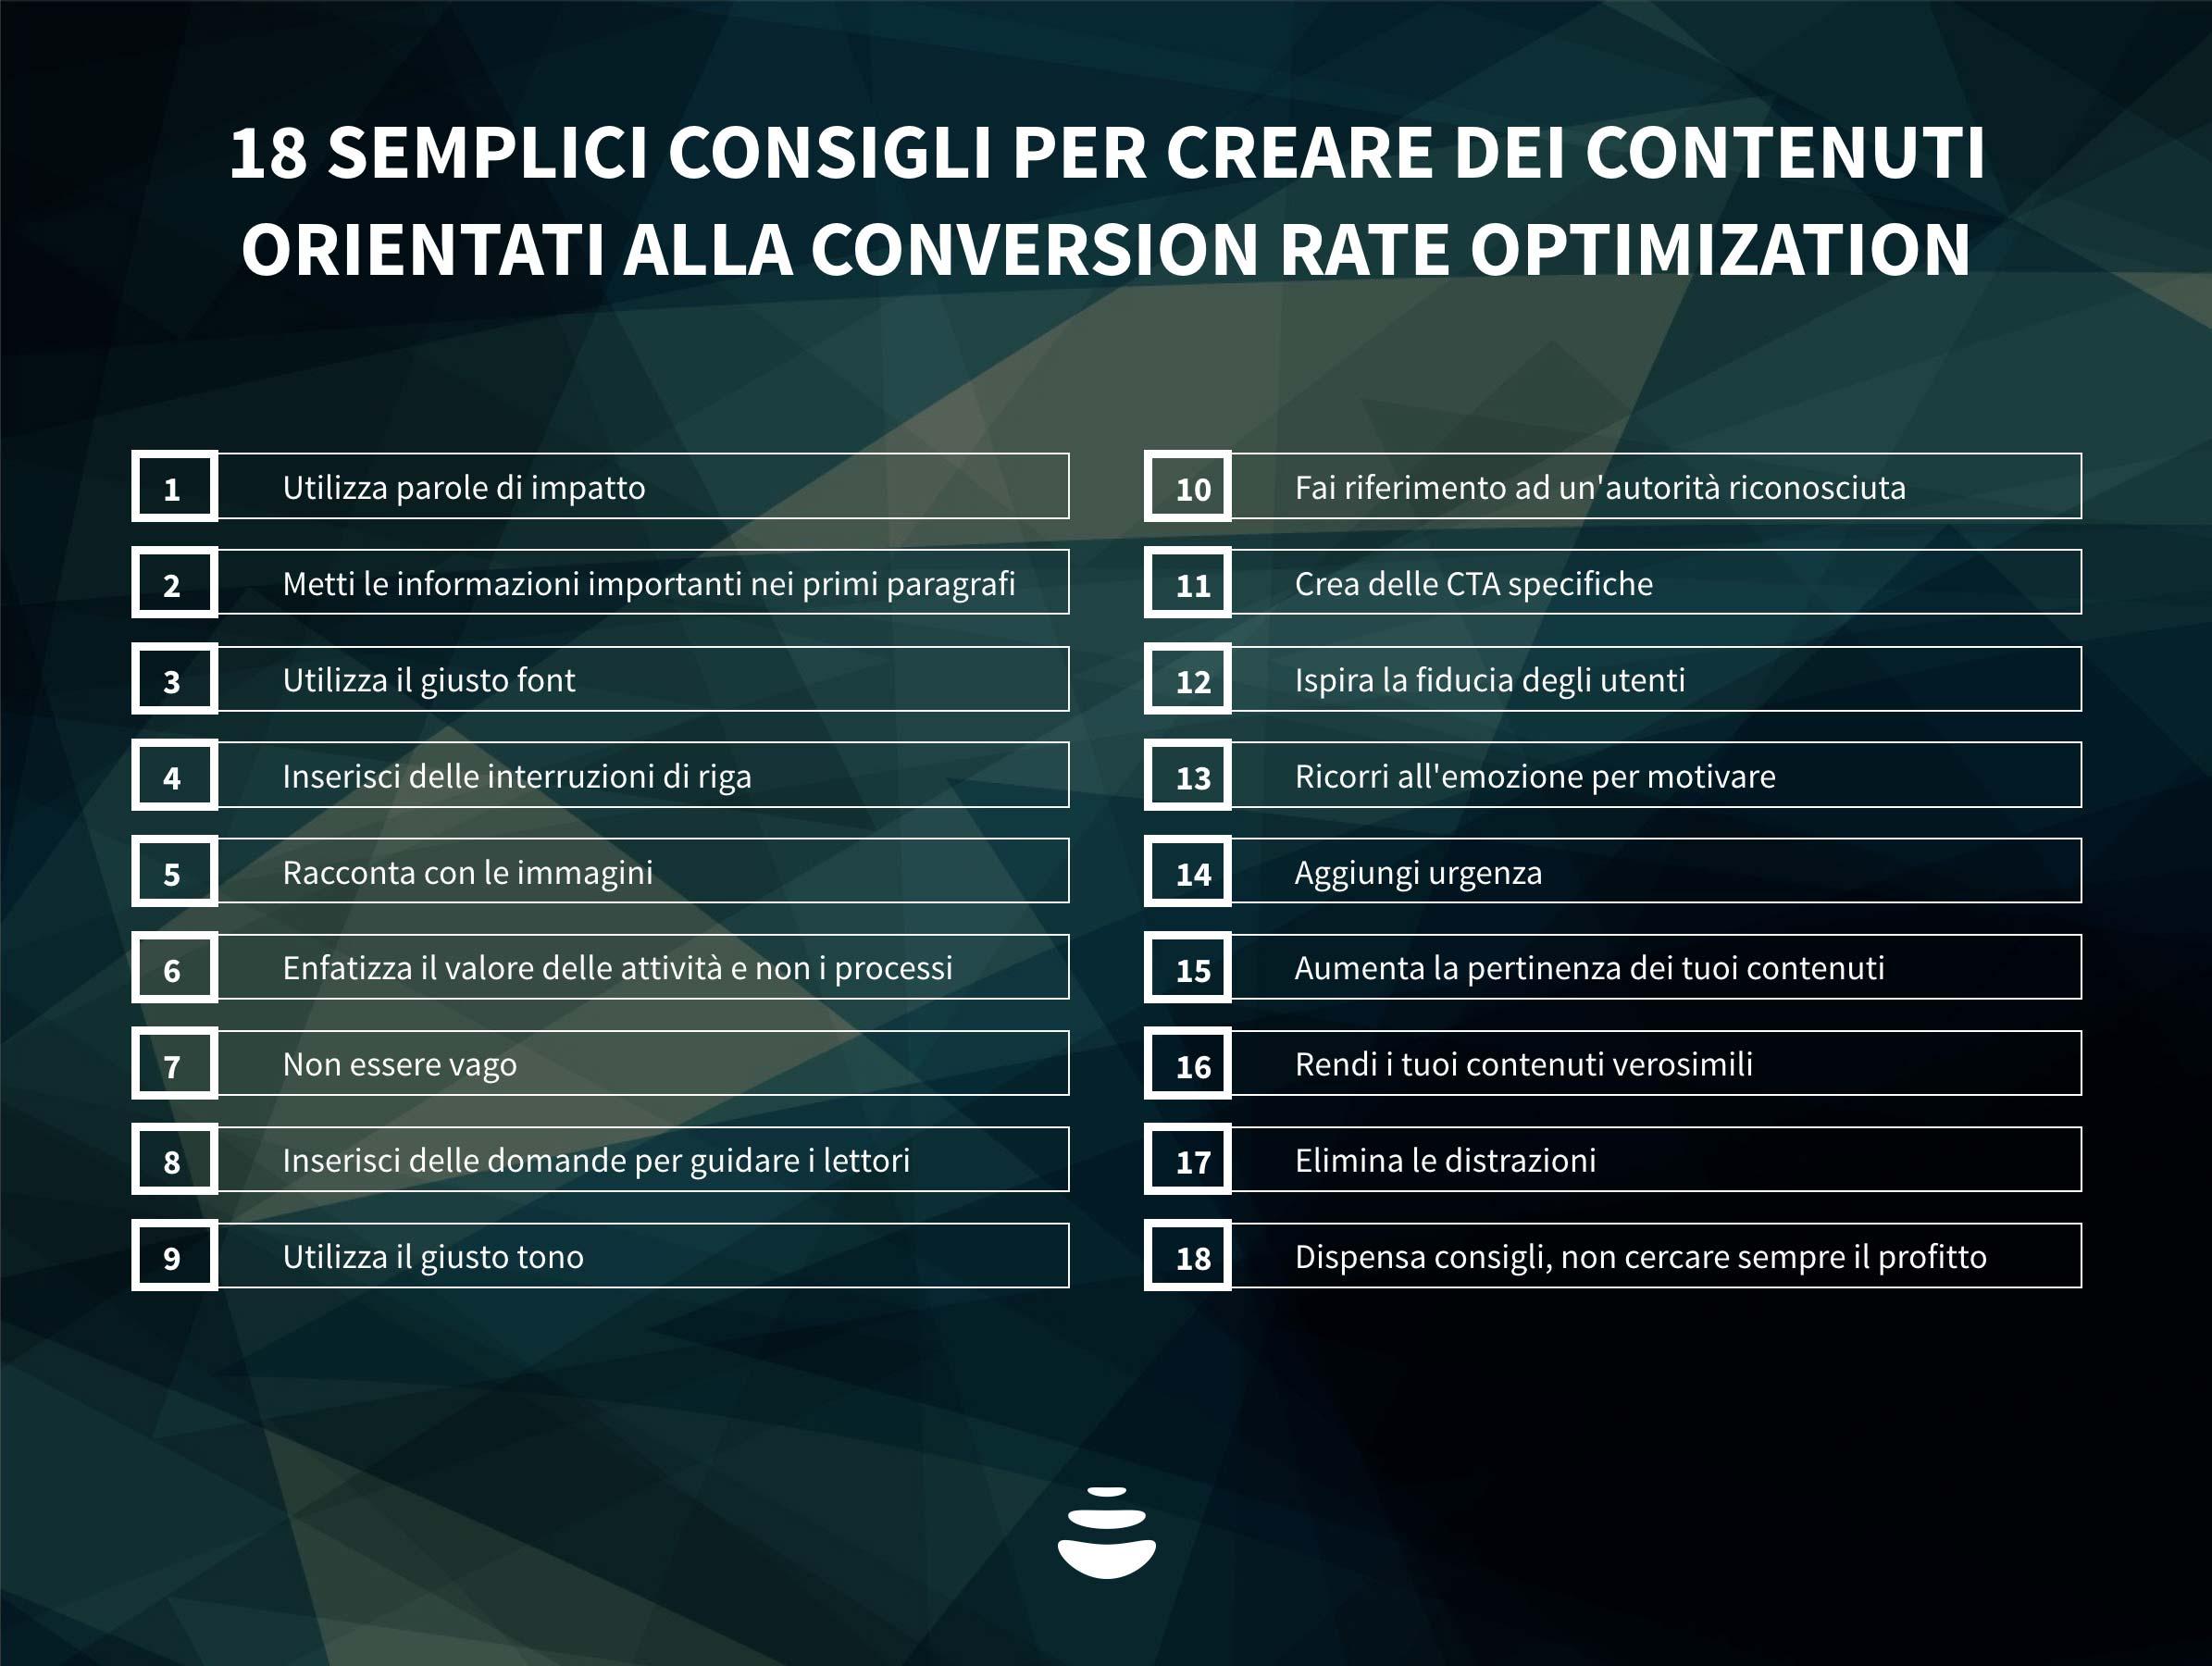 conversion rate optimization e content marketing